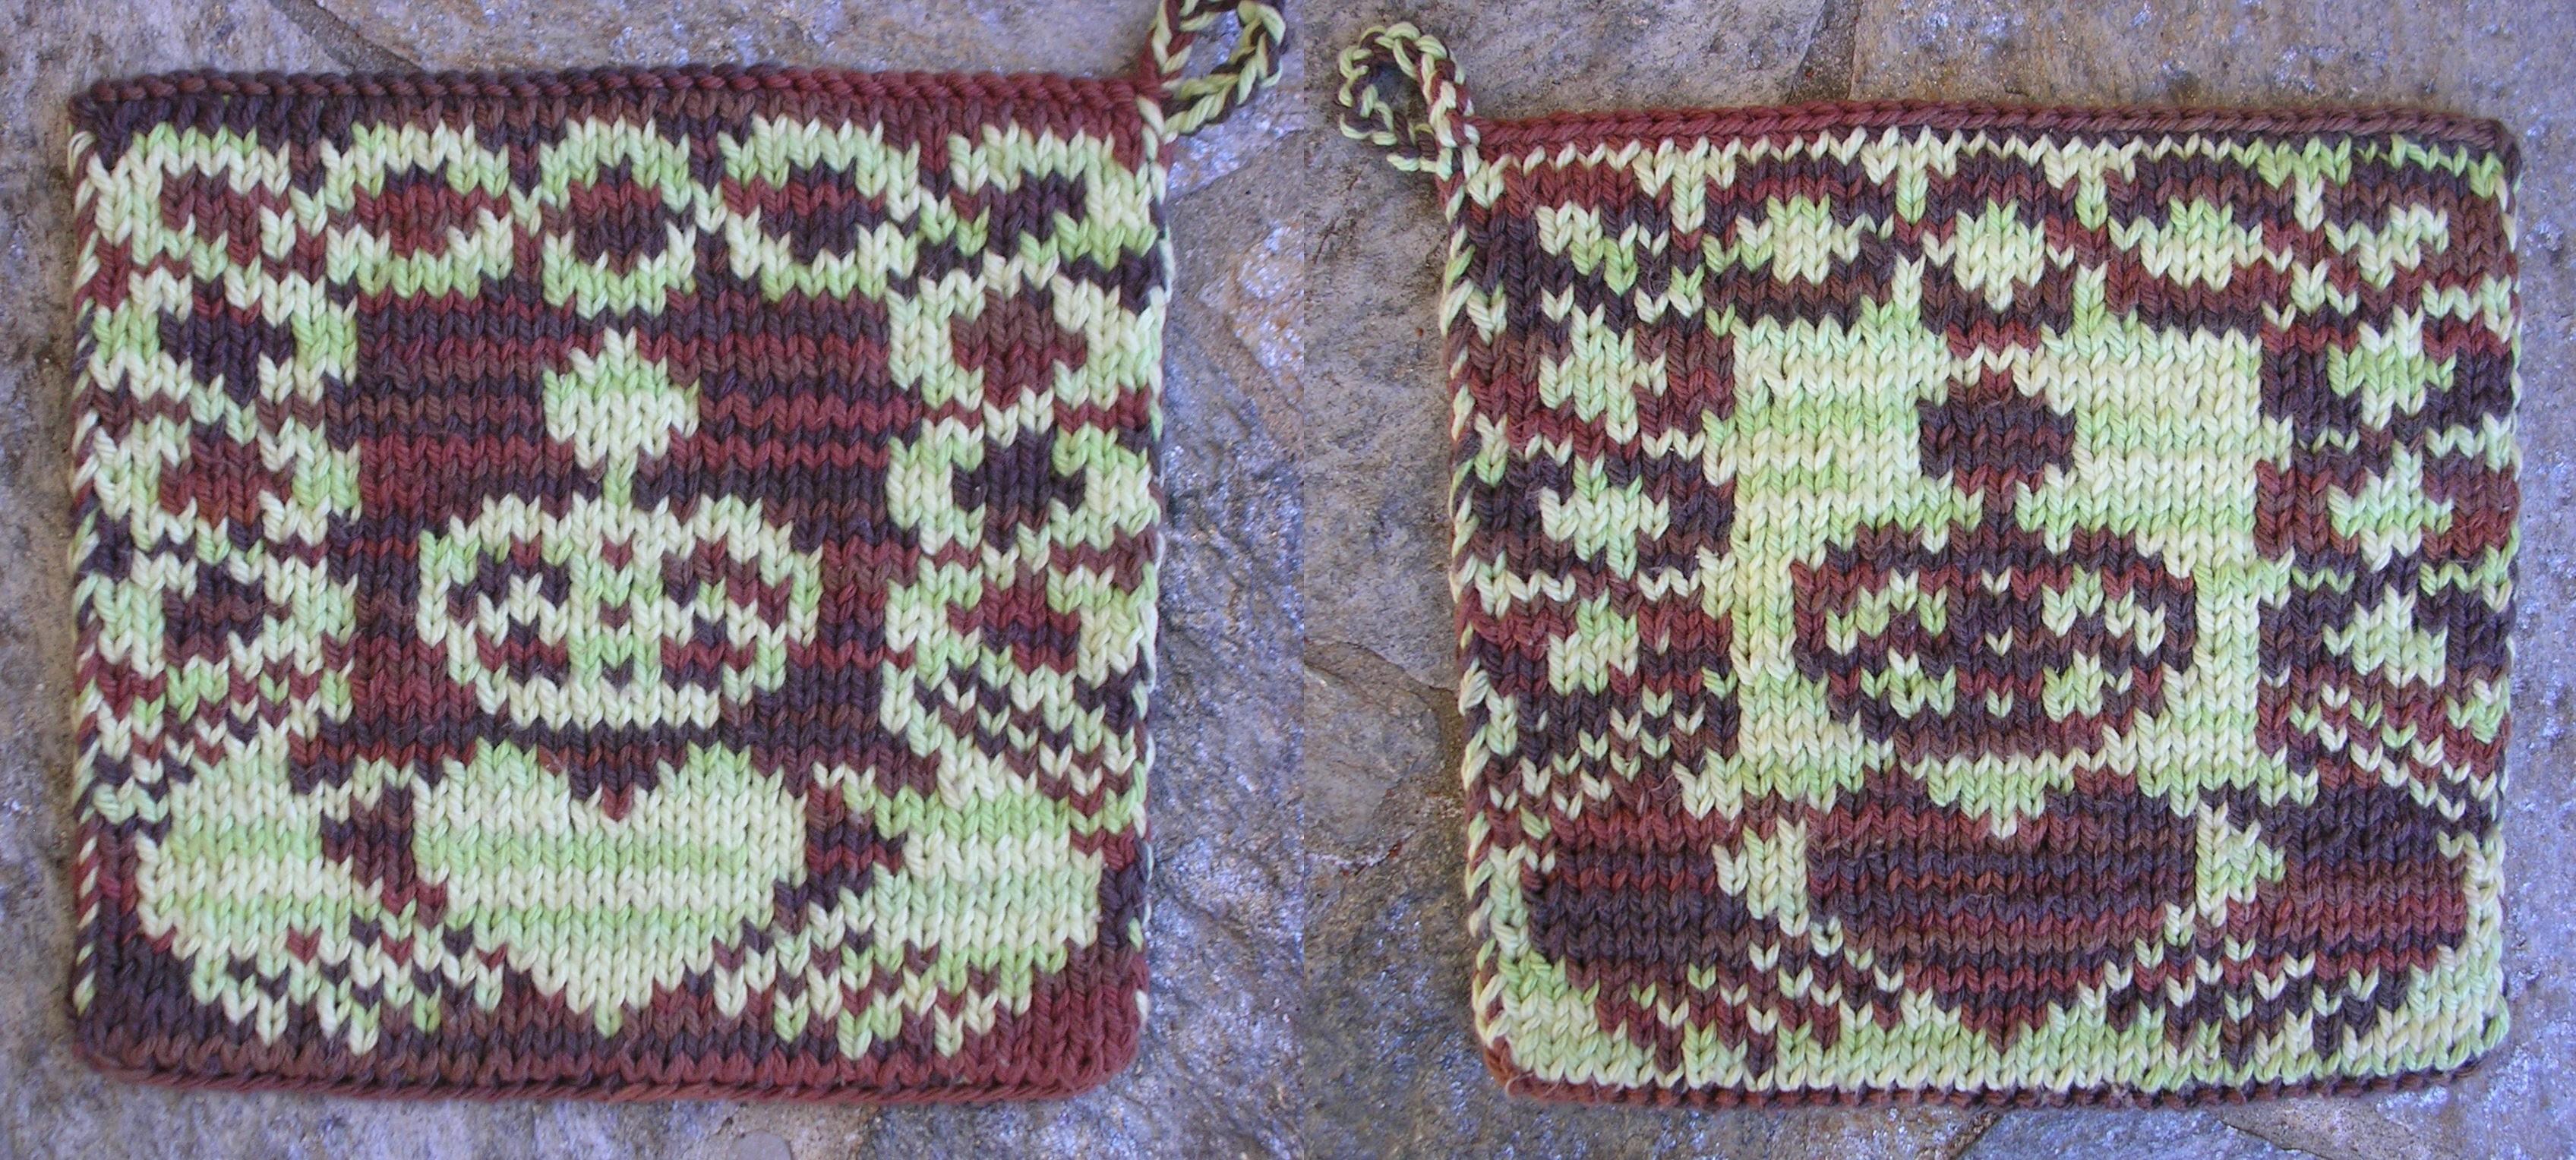 Double Knit Pot Holder Pattern